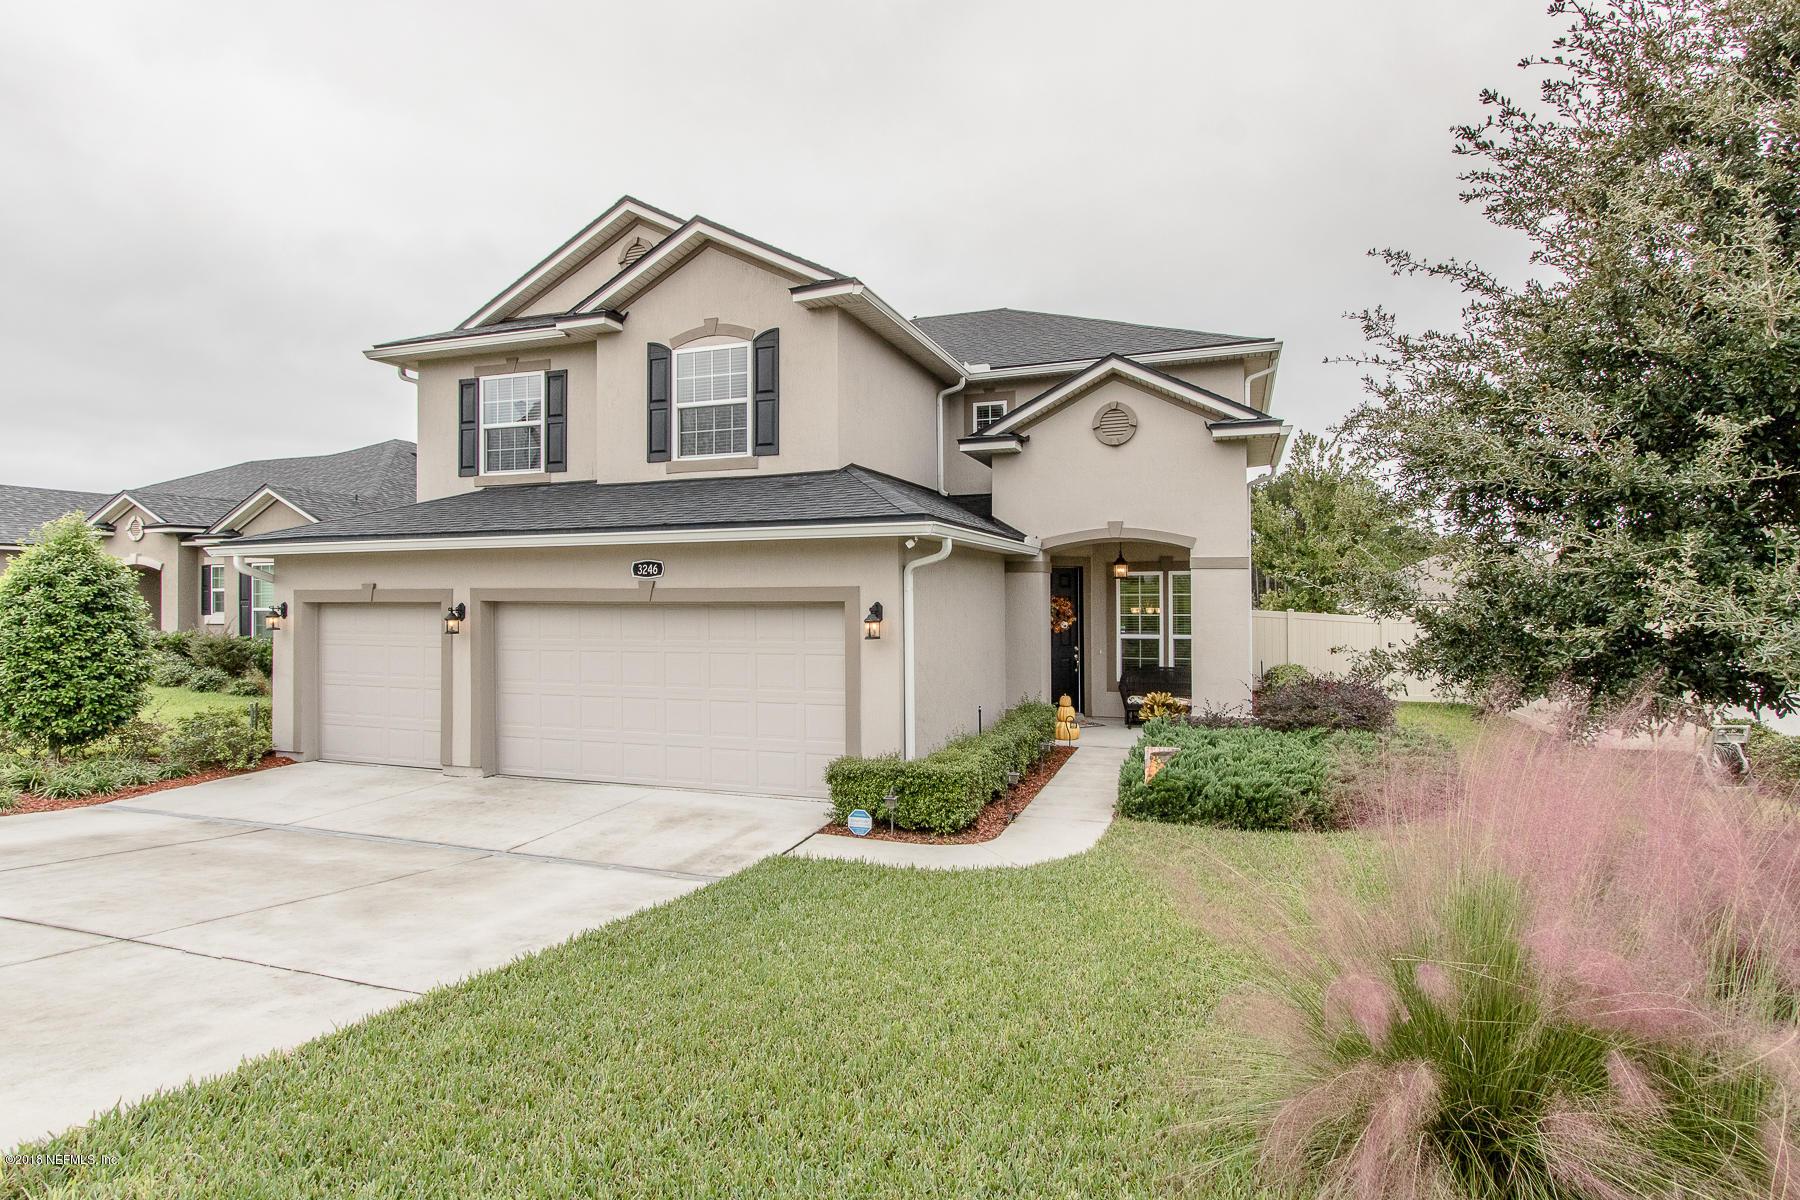 3246 BRADLEY CREEK, GREEN COVE SPRINGS, FLORIDA 32043, 5 Bedrooms Bedrooms, ,4 BathroomsBathrooms,Residential - single family,For sale,BRADLEY CREEK,968435